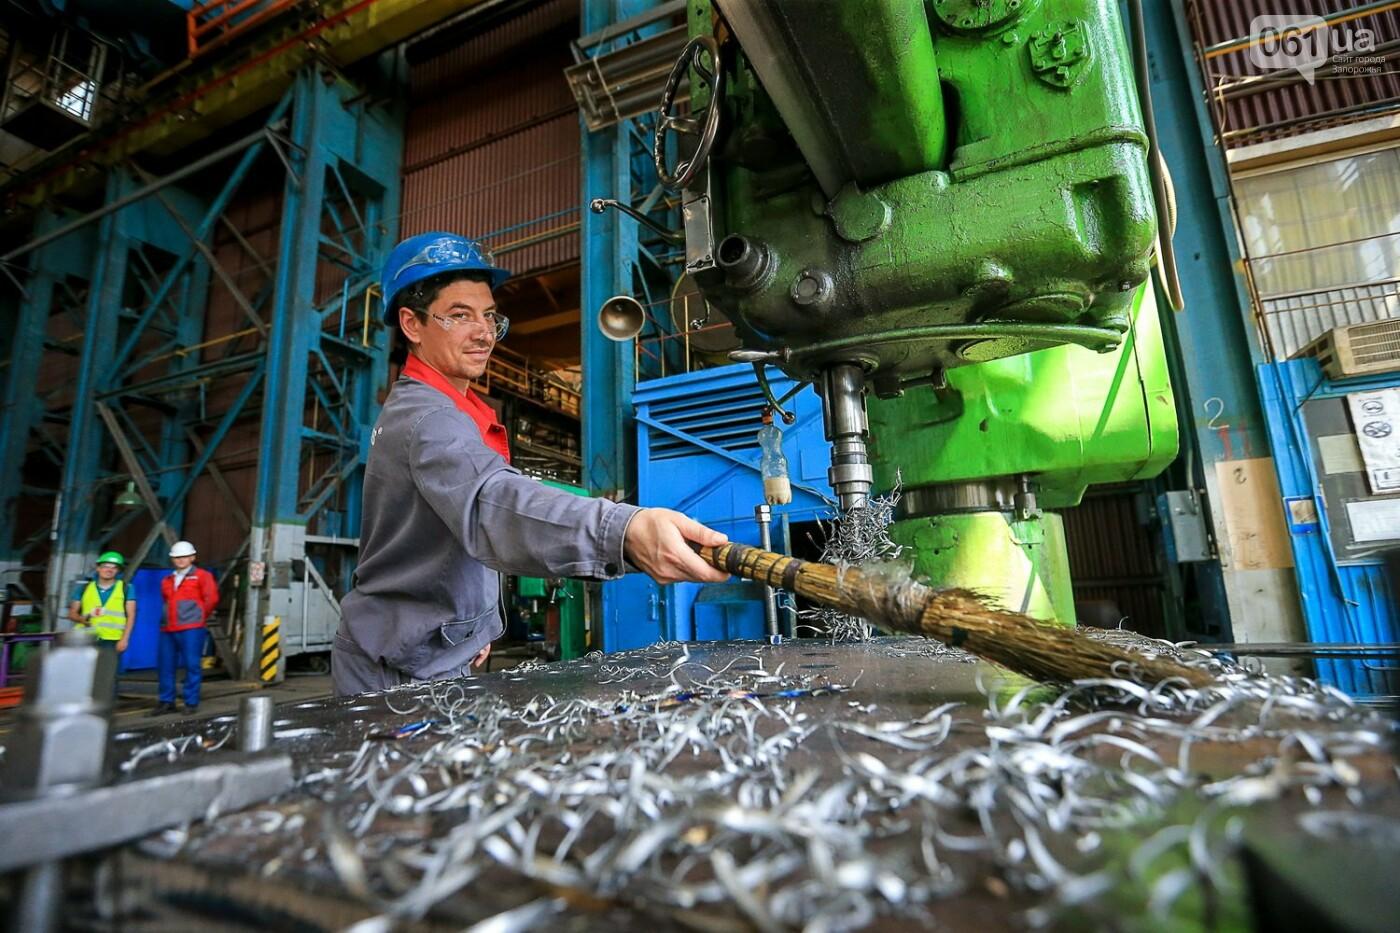 Как в Запорожье работает крупнейший в Европе завод по производству кранов: экскурсия на производство, — ФОТОРЕПОРТАЖ, фото-47